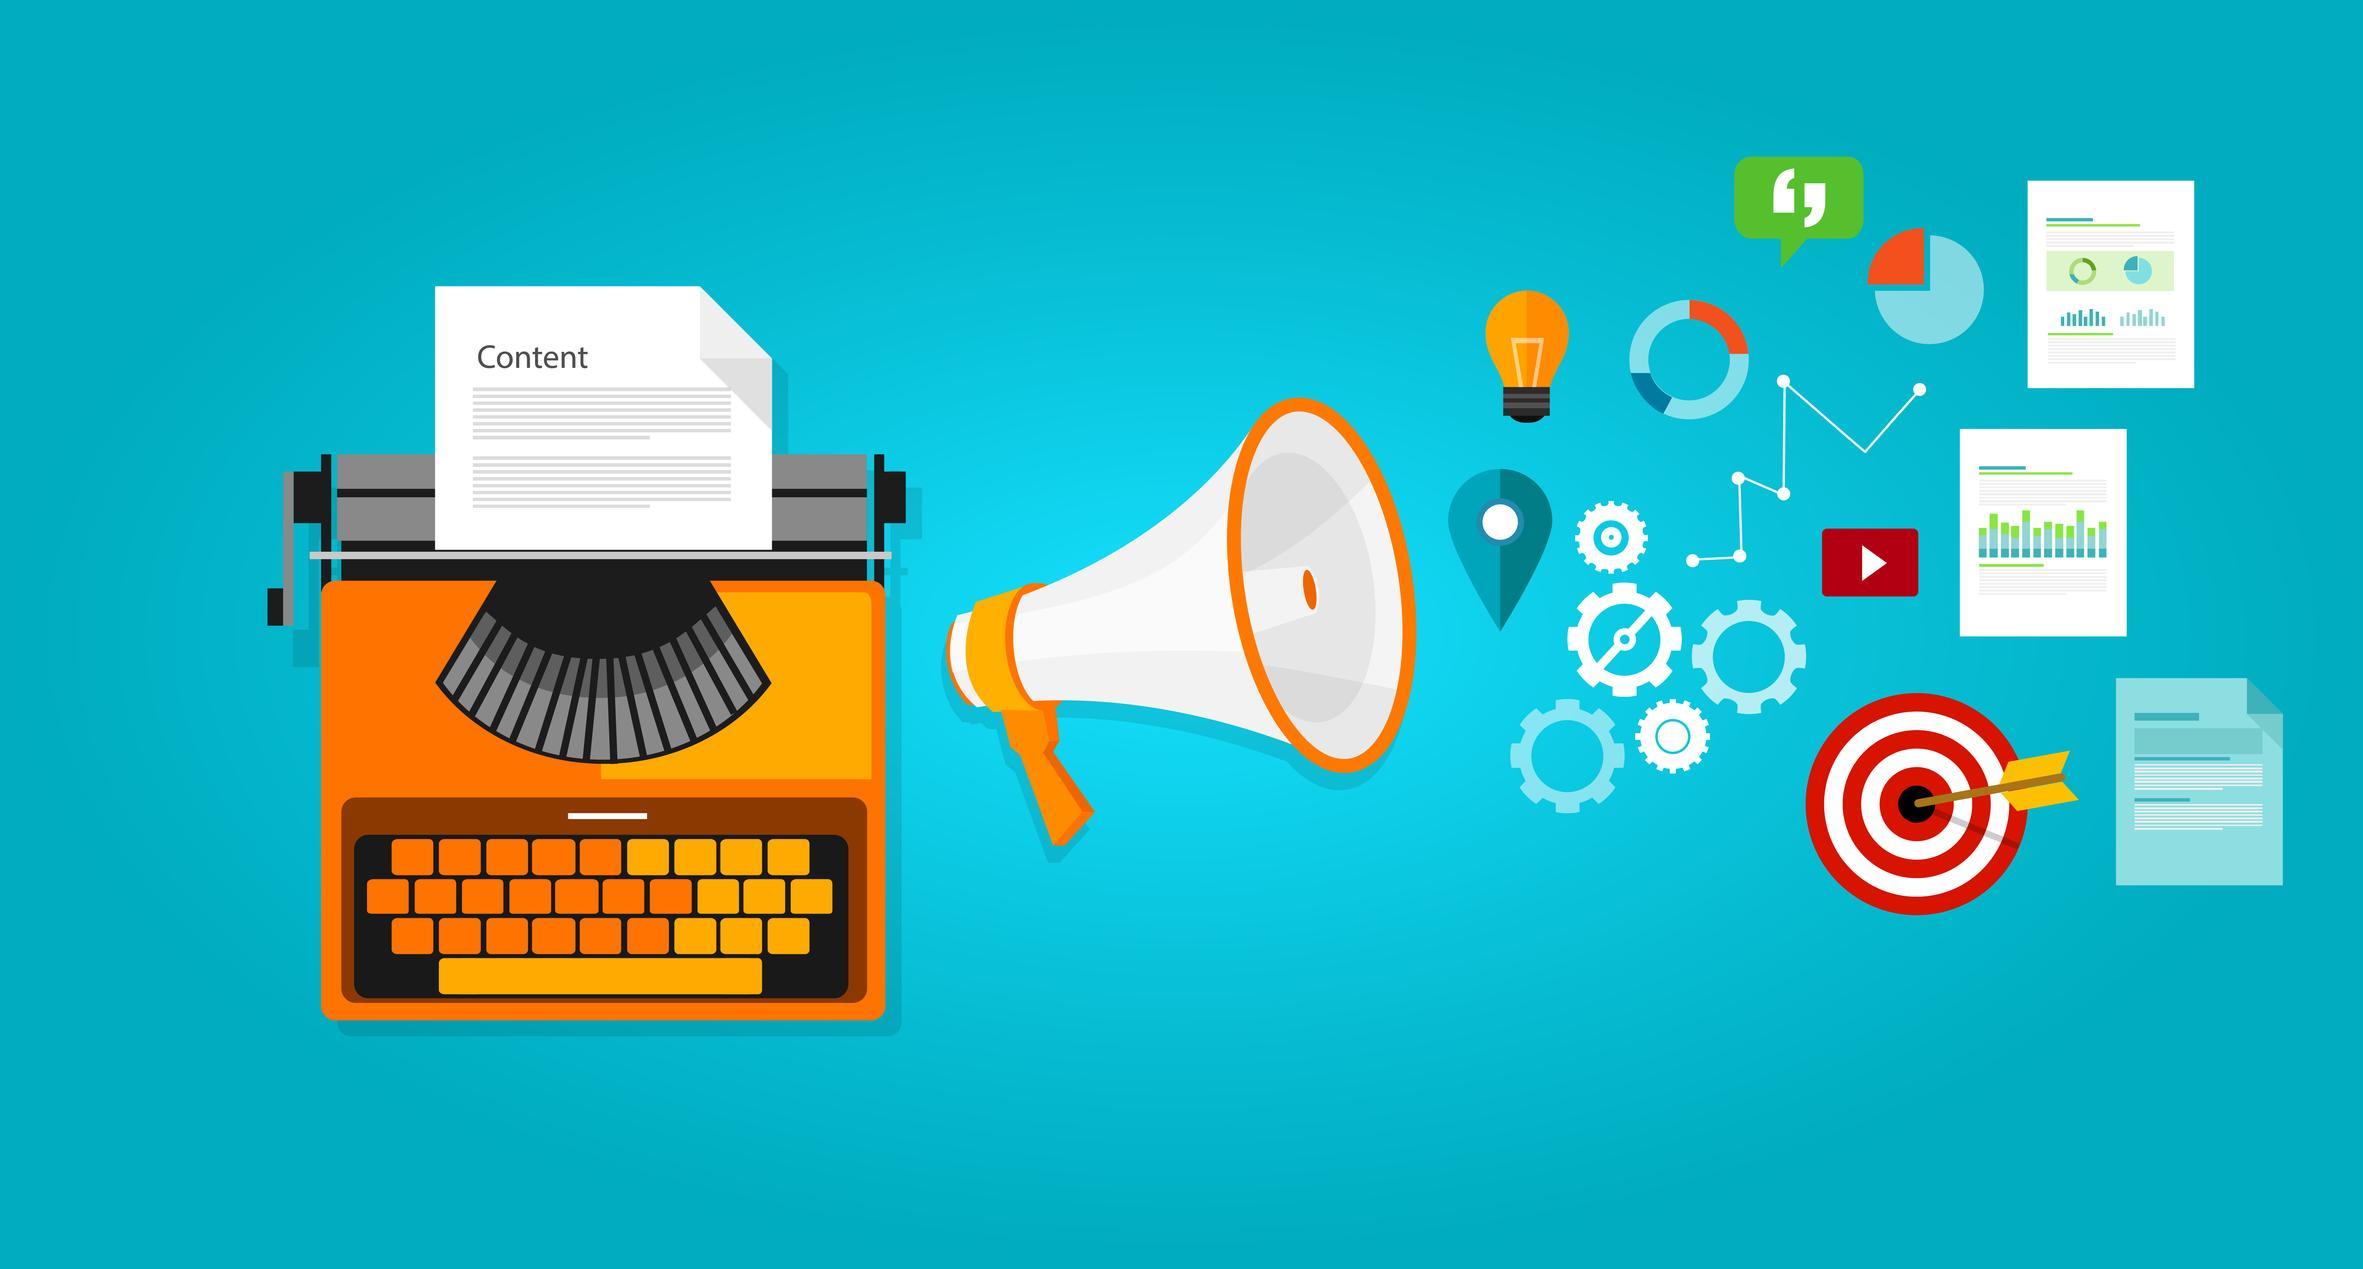 social-media-marketing-2